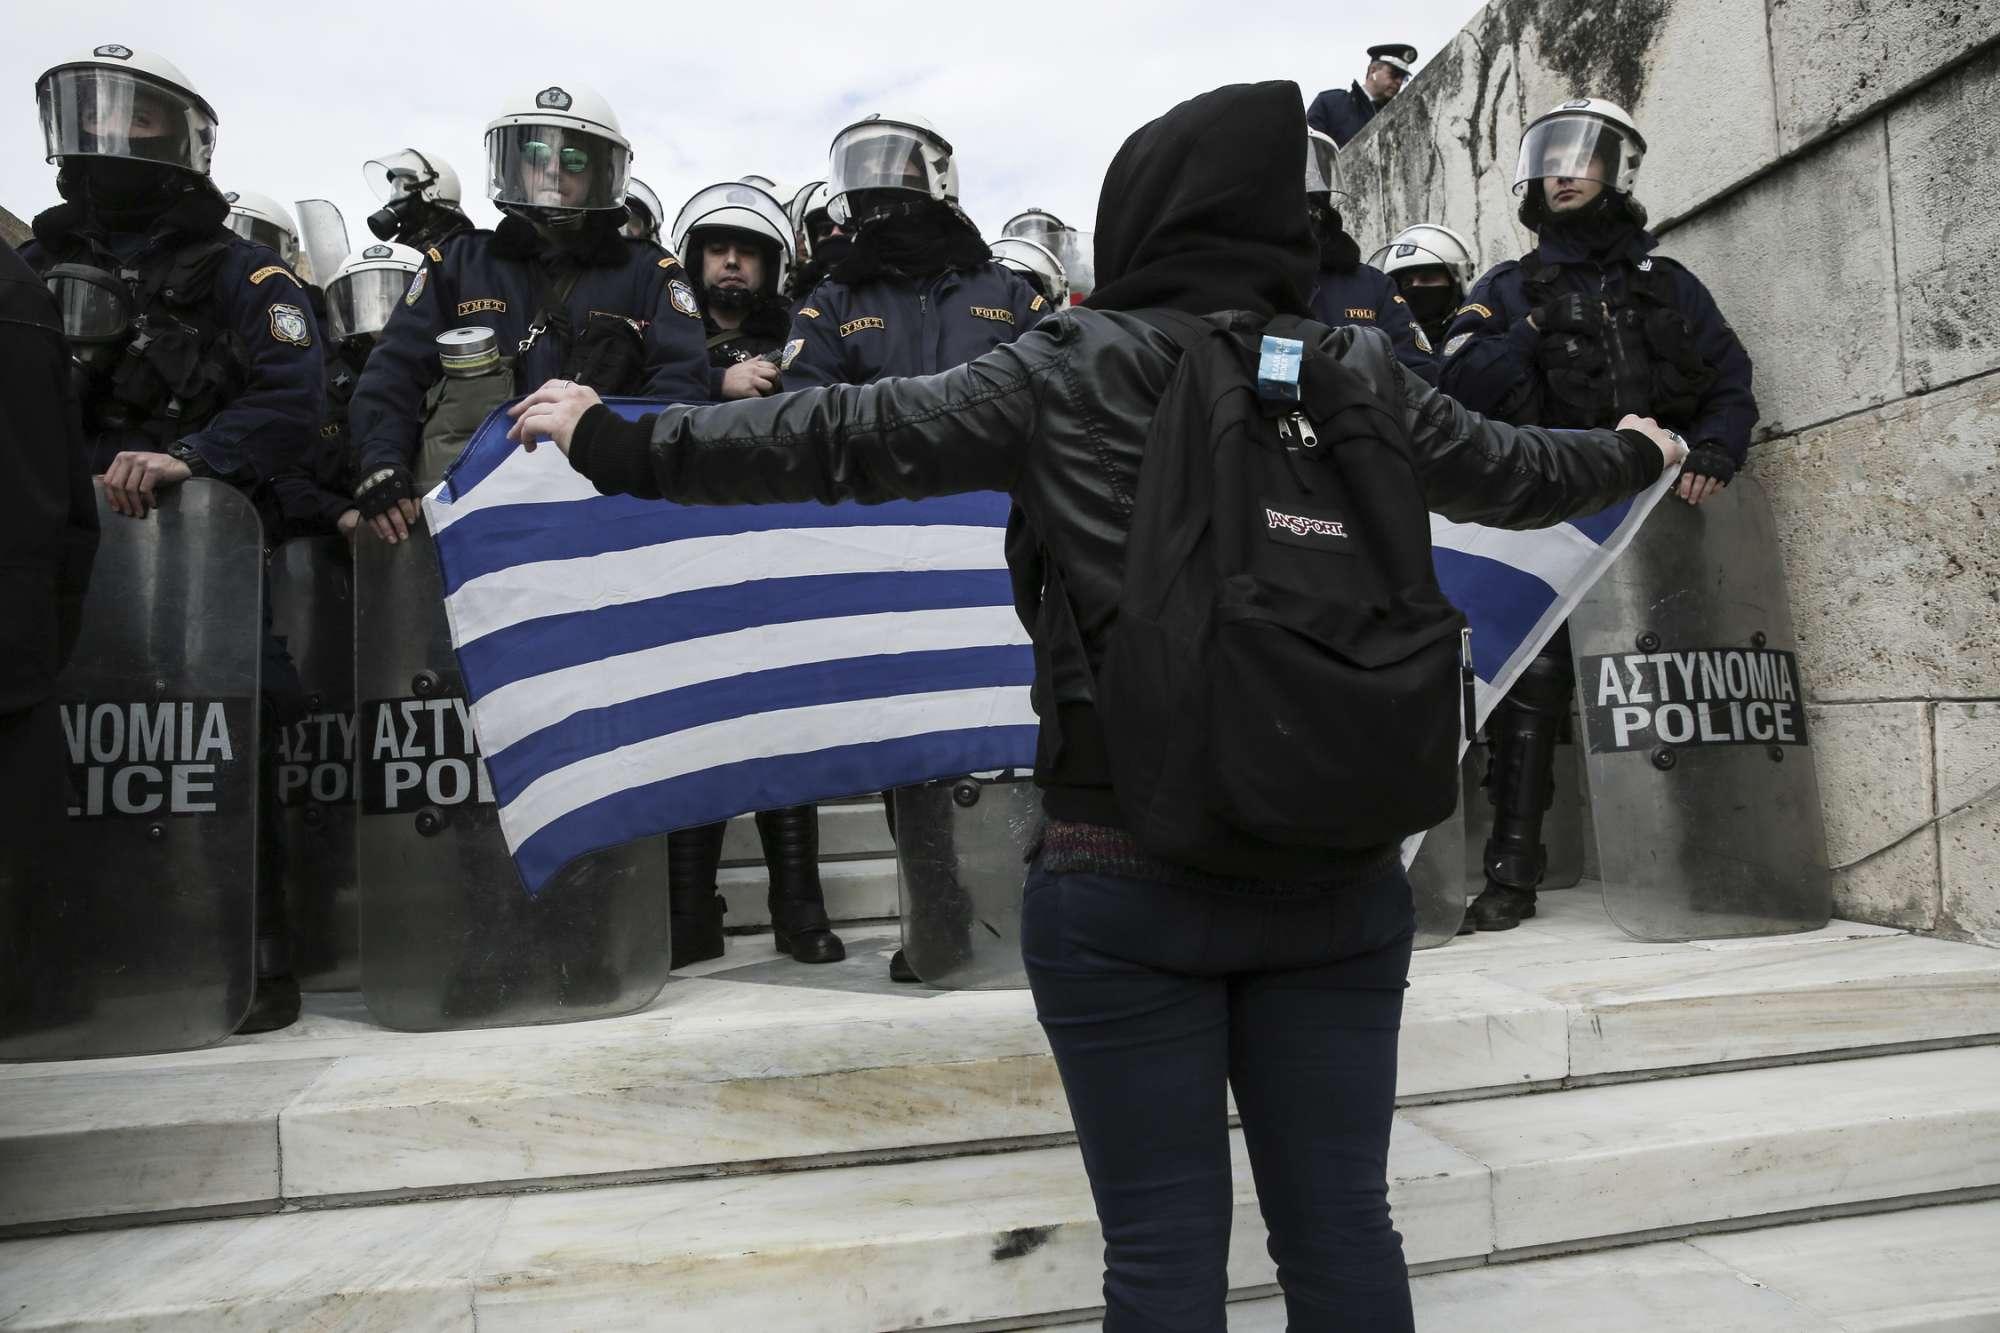 Με μια σημαία απέναντι στα ΜΑΤ